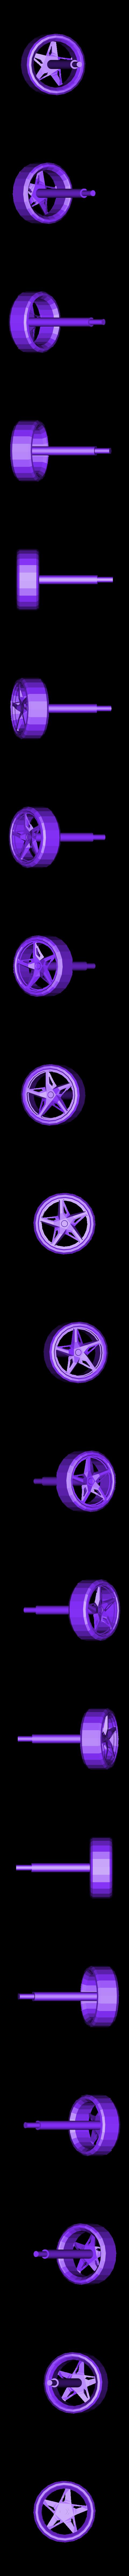 Ferrari_part_7_Front_Right_Wheel_repaired.stl Télécharger fichier STL gratuit Kit modèle Ferrari 458 • Modèle pour impression 3D, AliSouskian